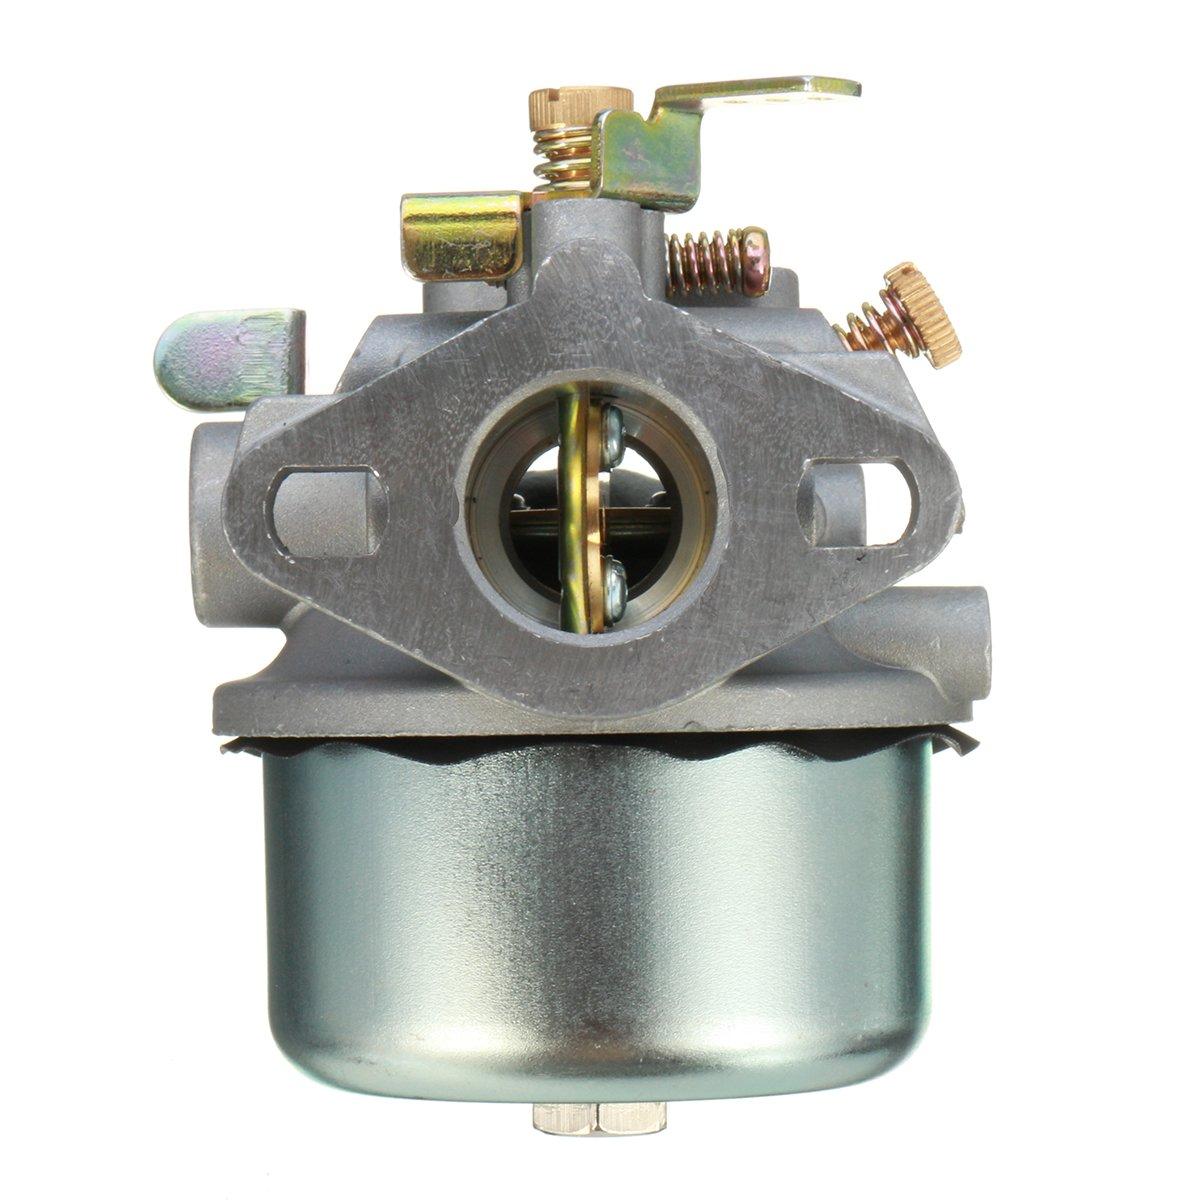 Alamor Carburateur De Fer De Moteur avec Joint De Montage pour Kohler K90 K91 K141 K160 K161 K181